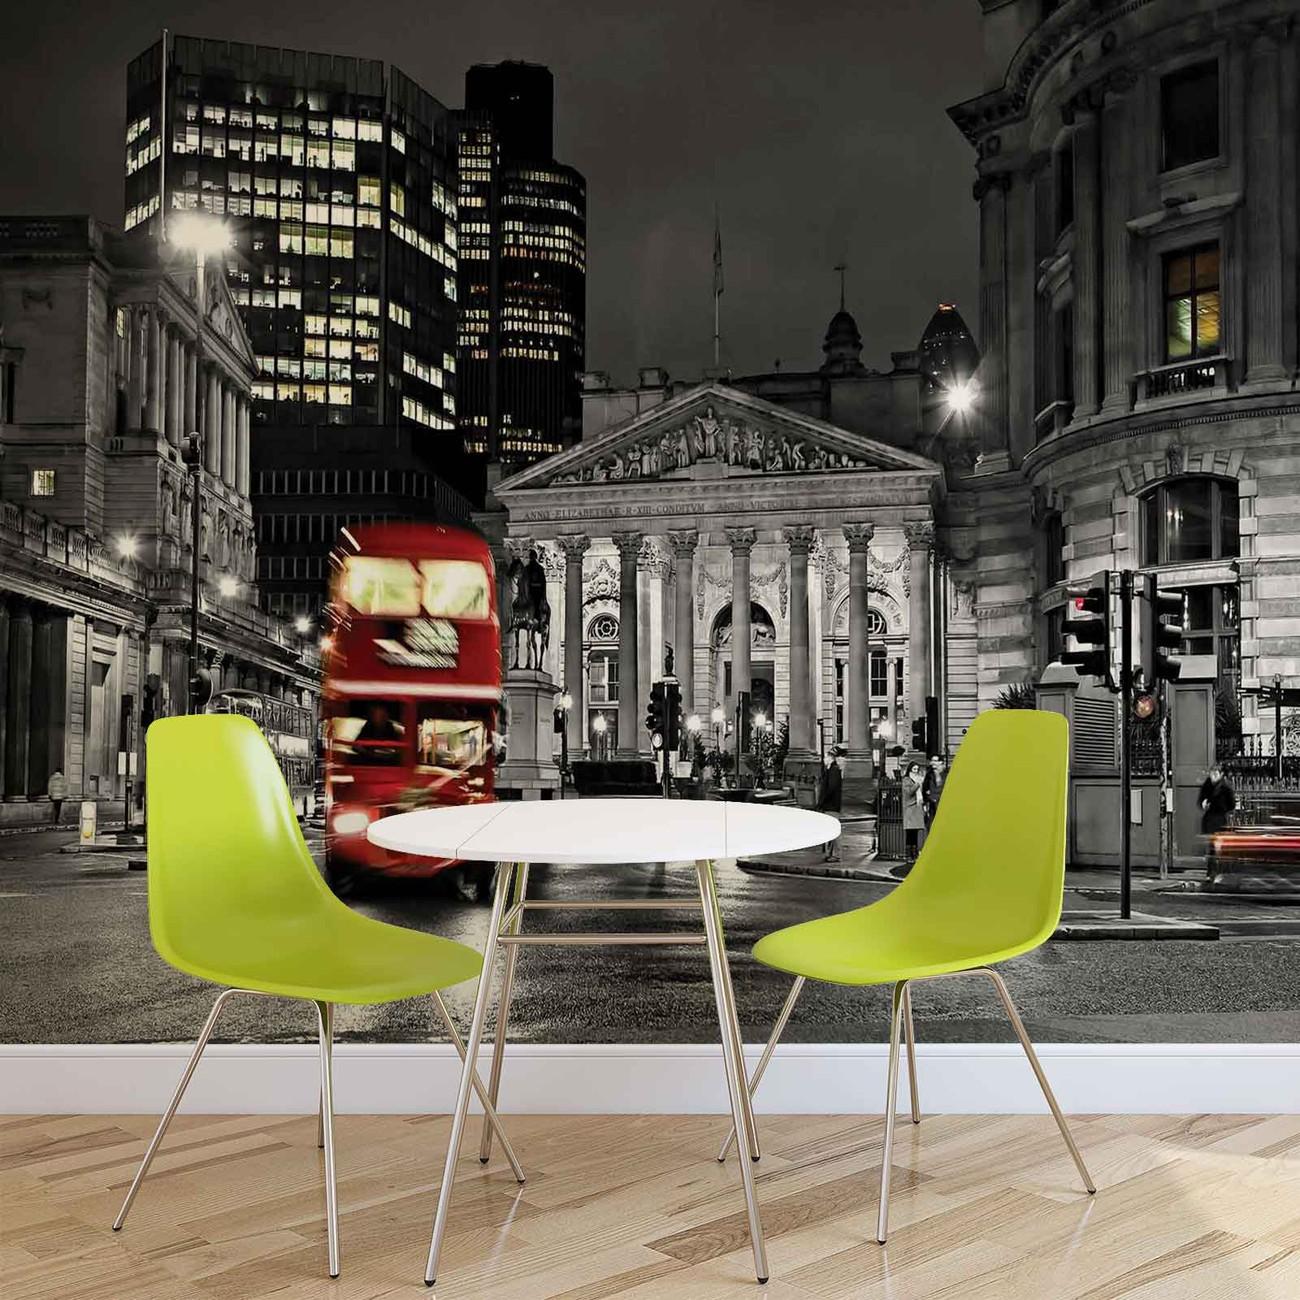 londres bus ville rouge poster mural papier peint acheter le sur. Black Bedroom Furniture Sets. Home Design Ideas